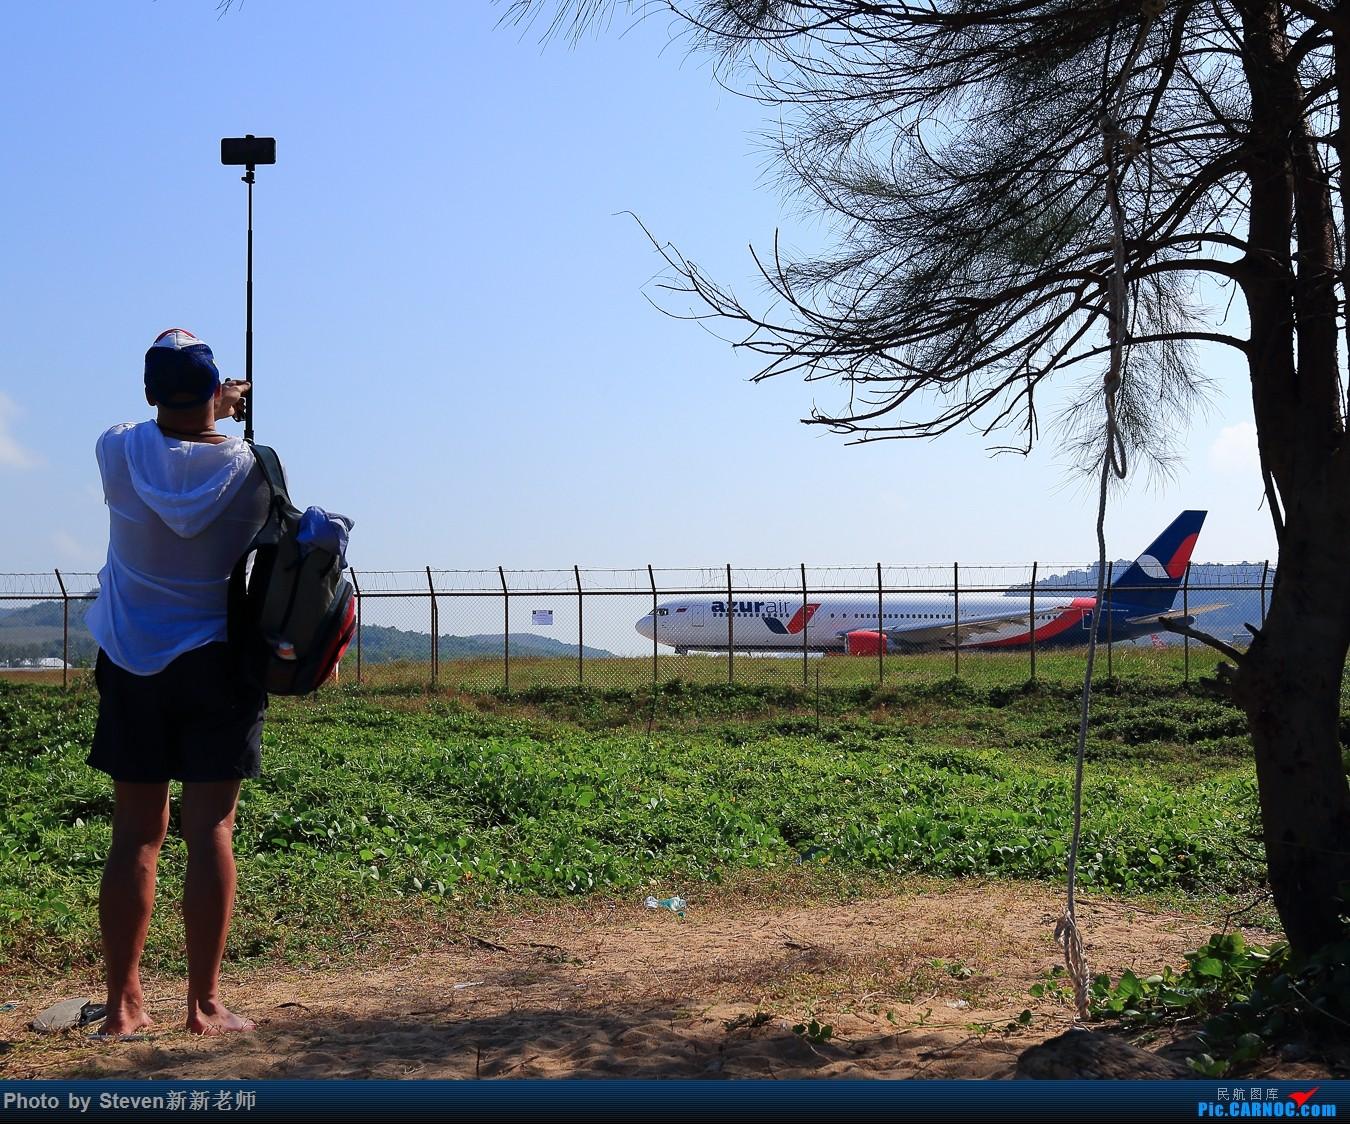 """Re:[原创]亚洲""""圣马丁岛""""—普吉国际机场拍机 BOEING 767-300ER  泰国普吉机场"""